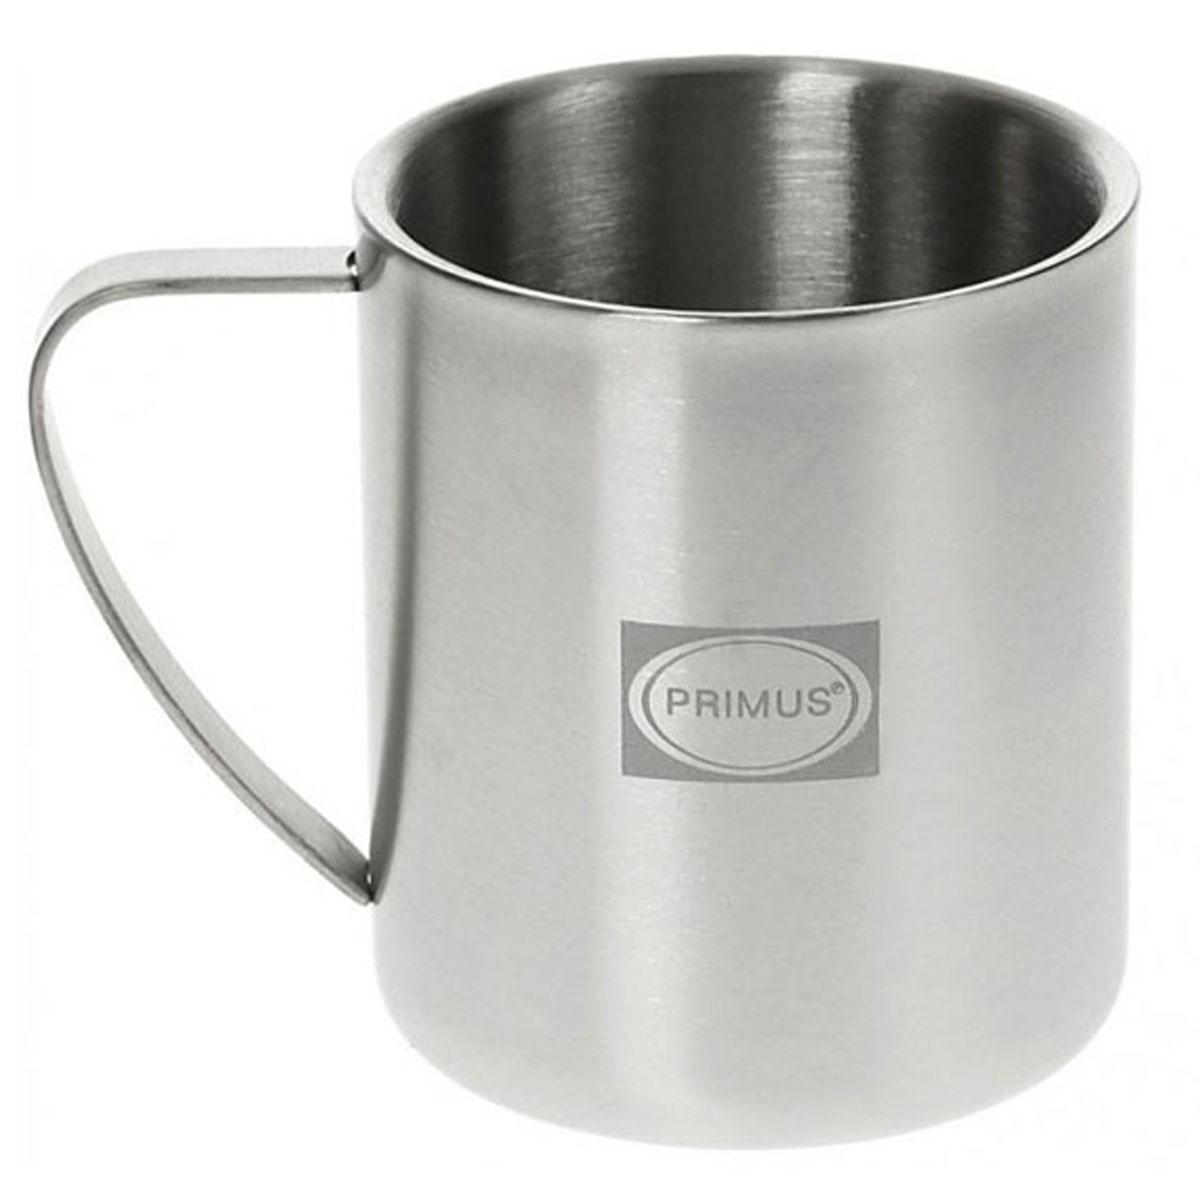 Термокружка Primus 4-Season Mug, цвет: серый, 300 мл732260Прочная кружка с двойными стенками из полированной высококачественной нержавеющей стали